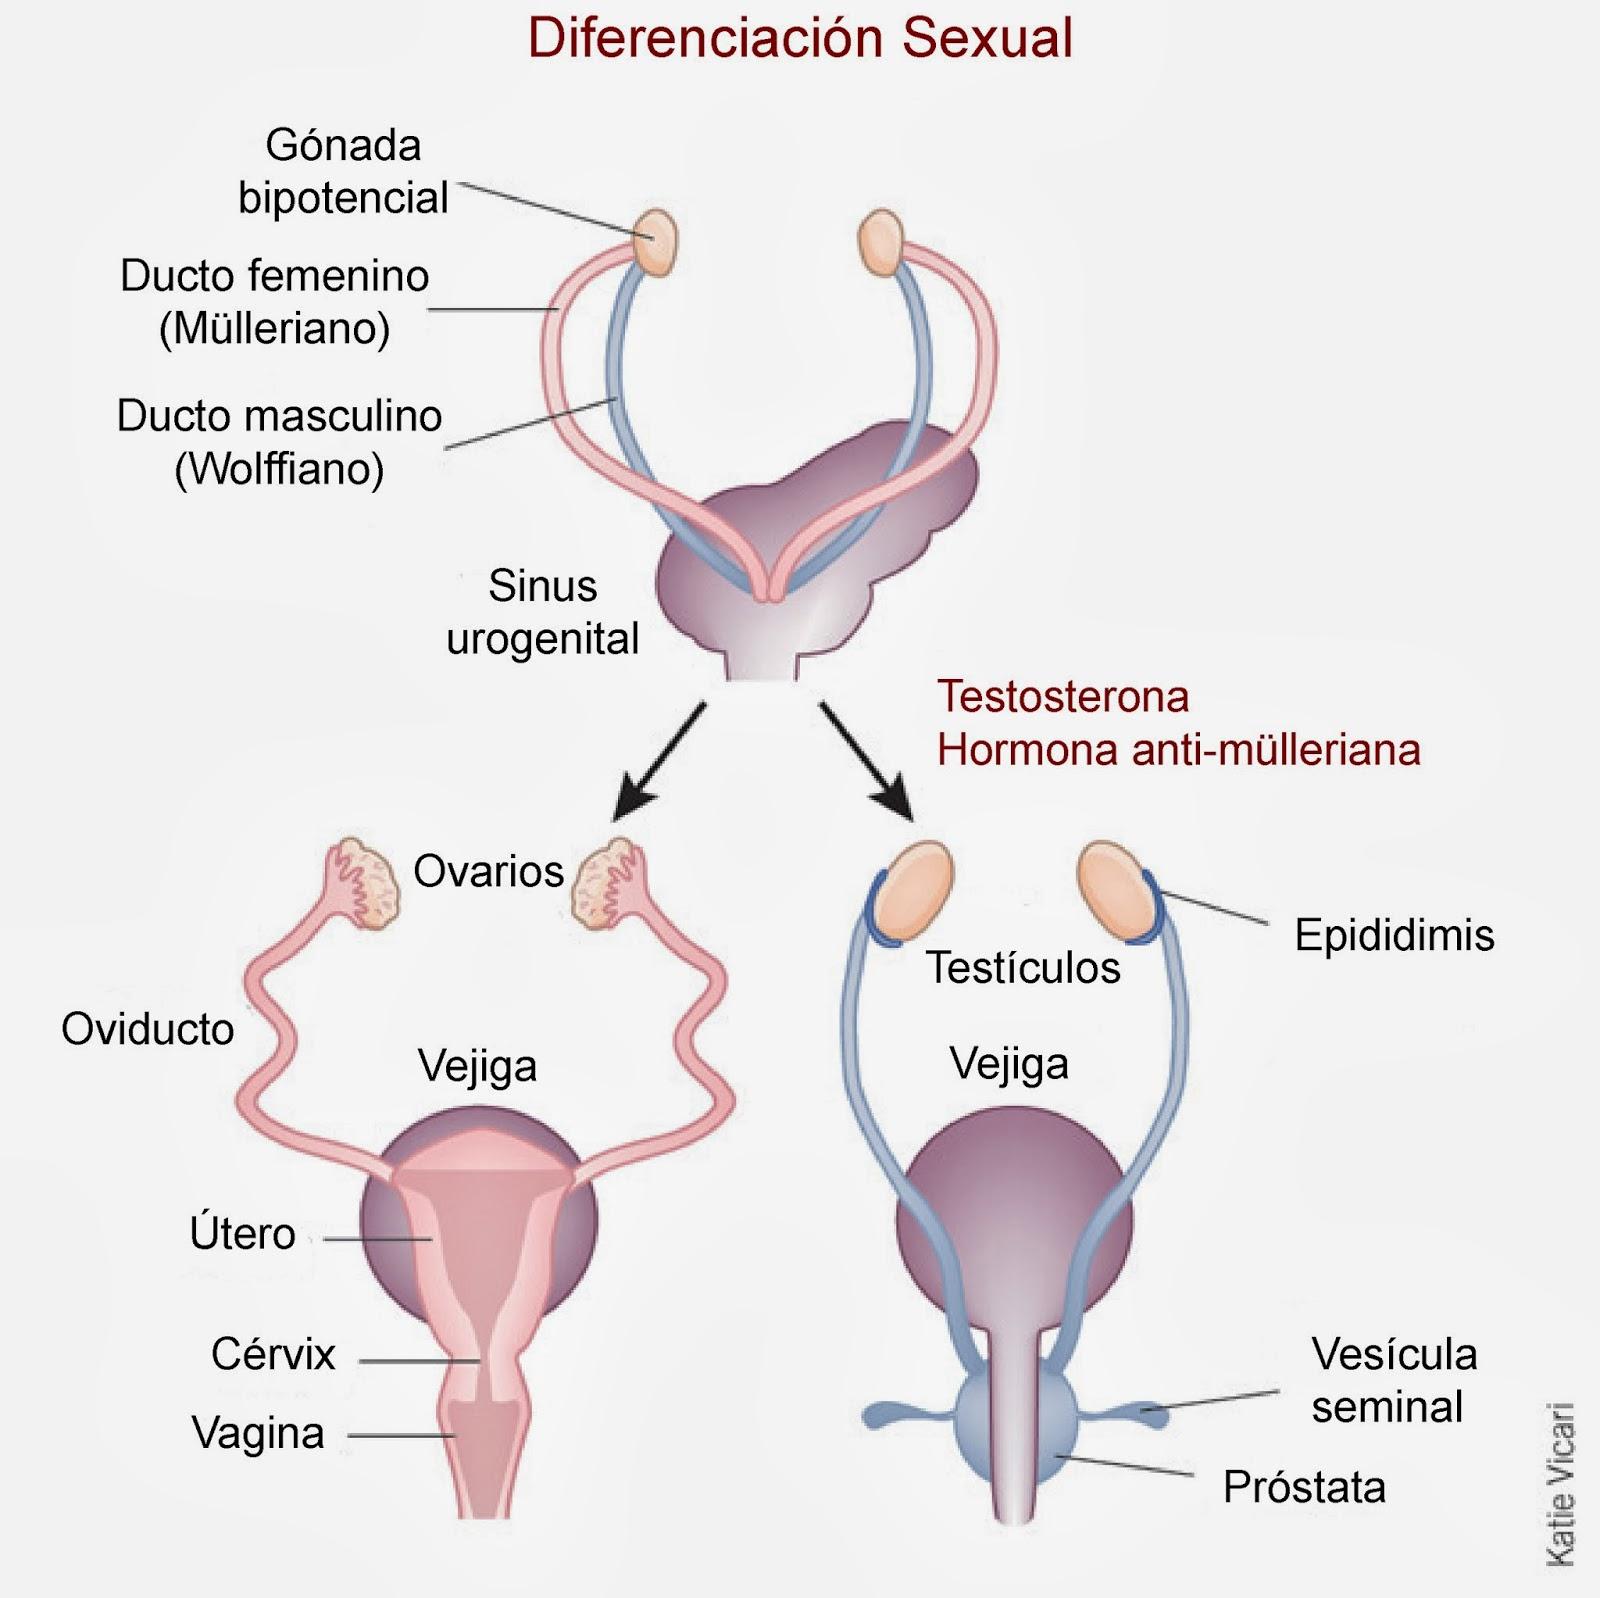 Generación de los ovarios y útero a partir del ducto mulleriano y de los testículos a parti del ducto wolffiano